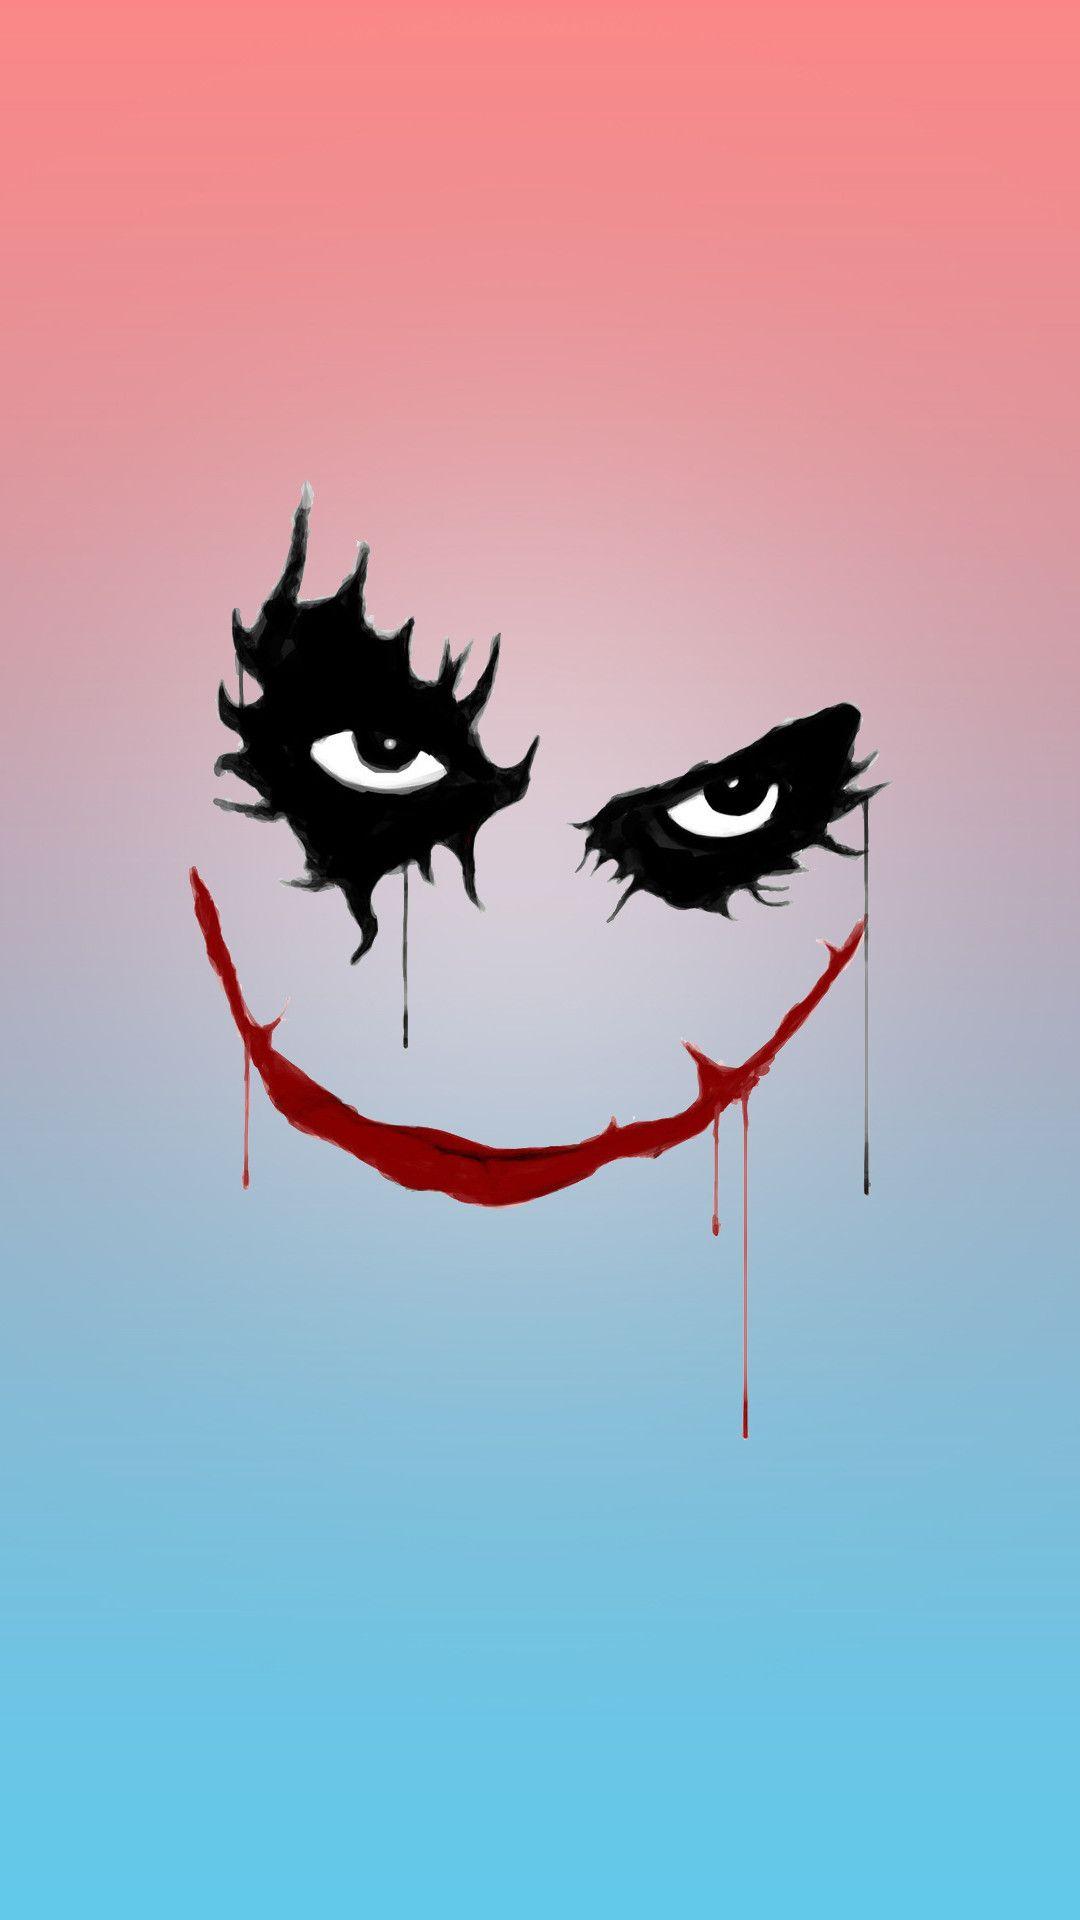 1080x1920 Joker Wallpaper Iphone 6s Plus By Deviantsith17 On